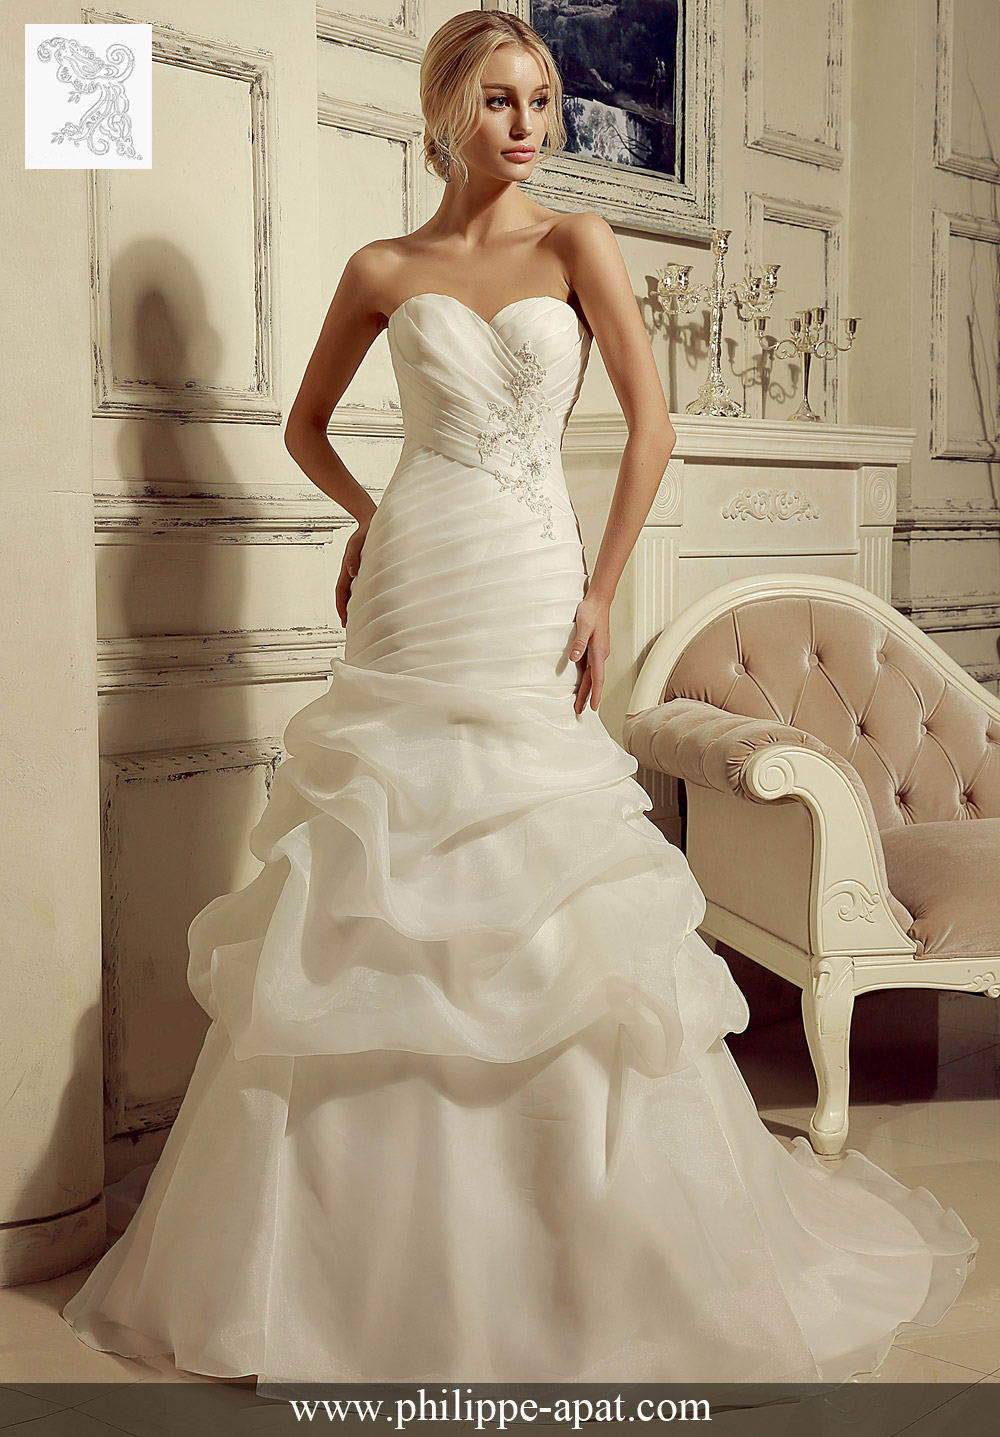 4e2cc6dc79020 Cette robe formelle de mariée sirène 2016 en organza a un corsage plissé et  une jupe avec des bulles avec un joli corset.